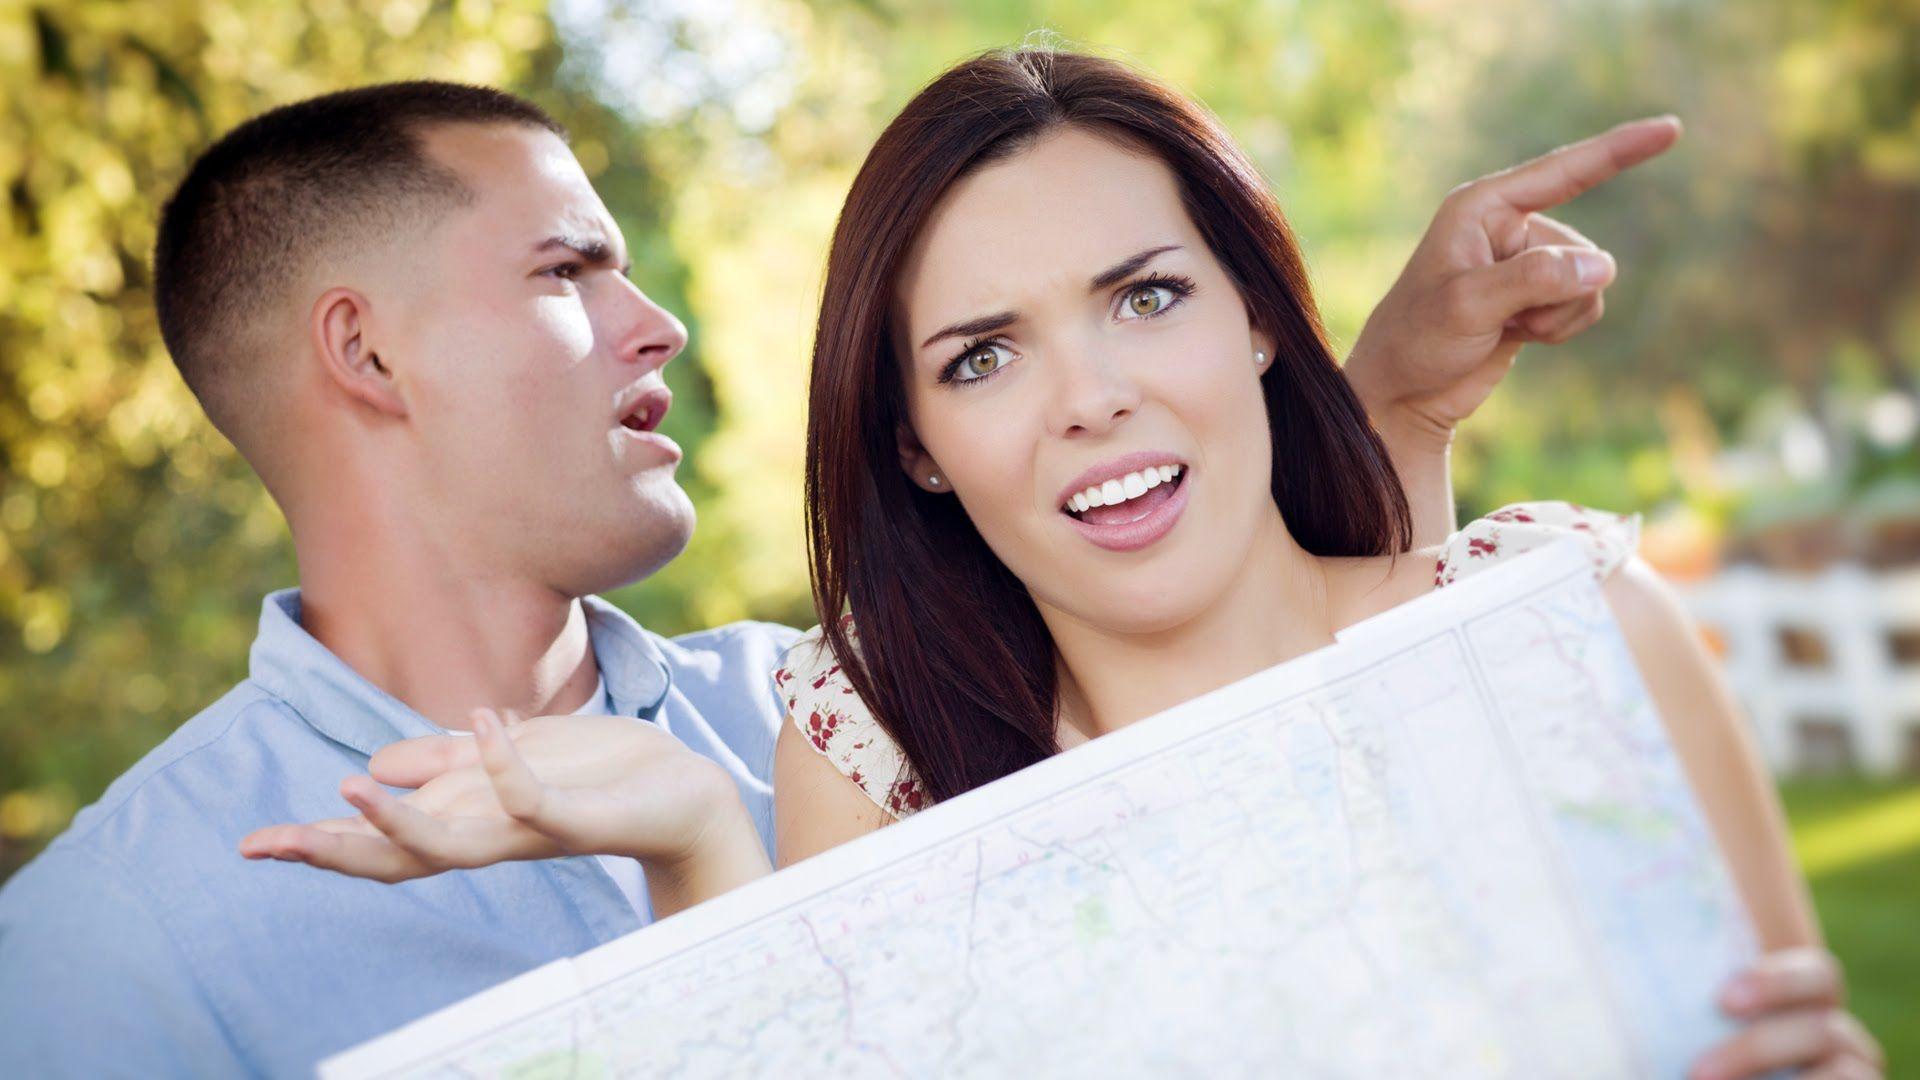 Errores que debes evitar cuando comienzas una relación